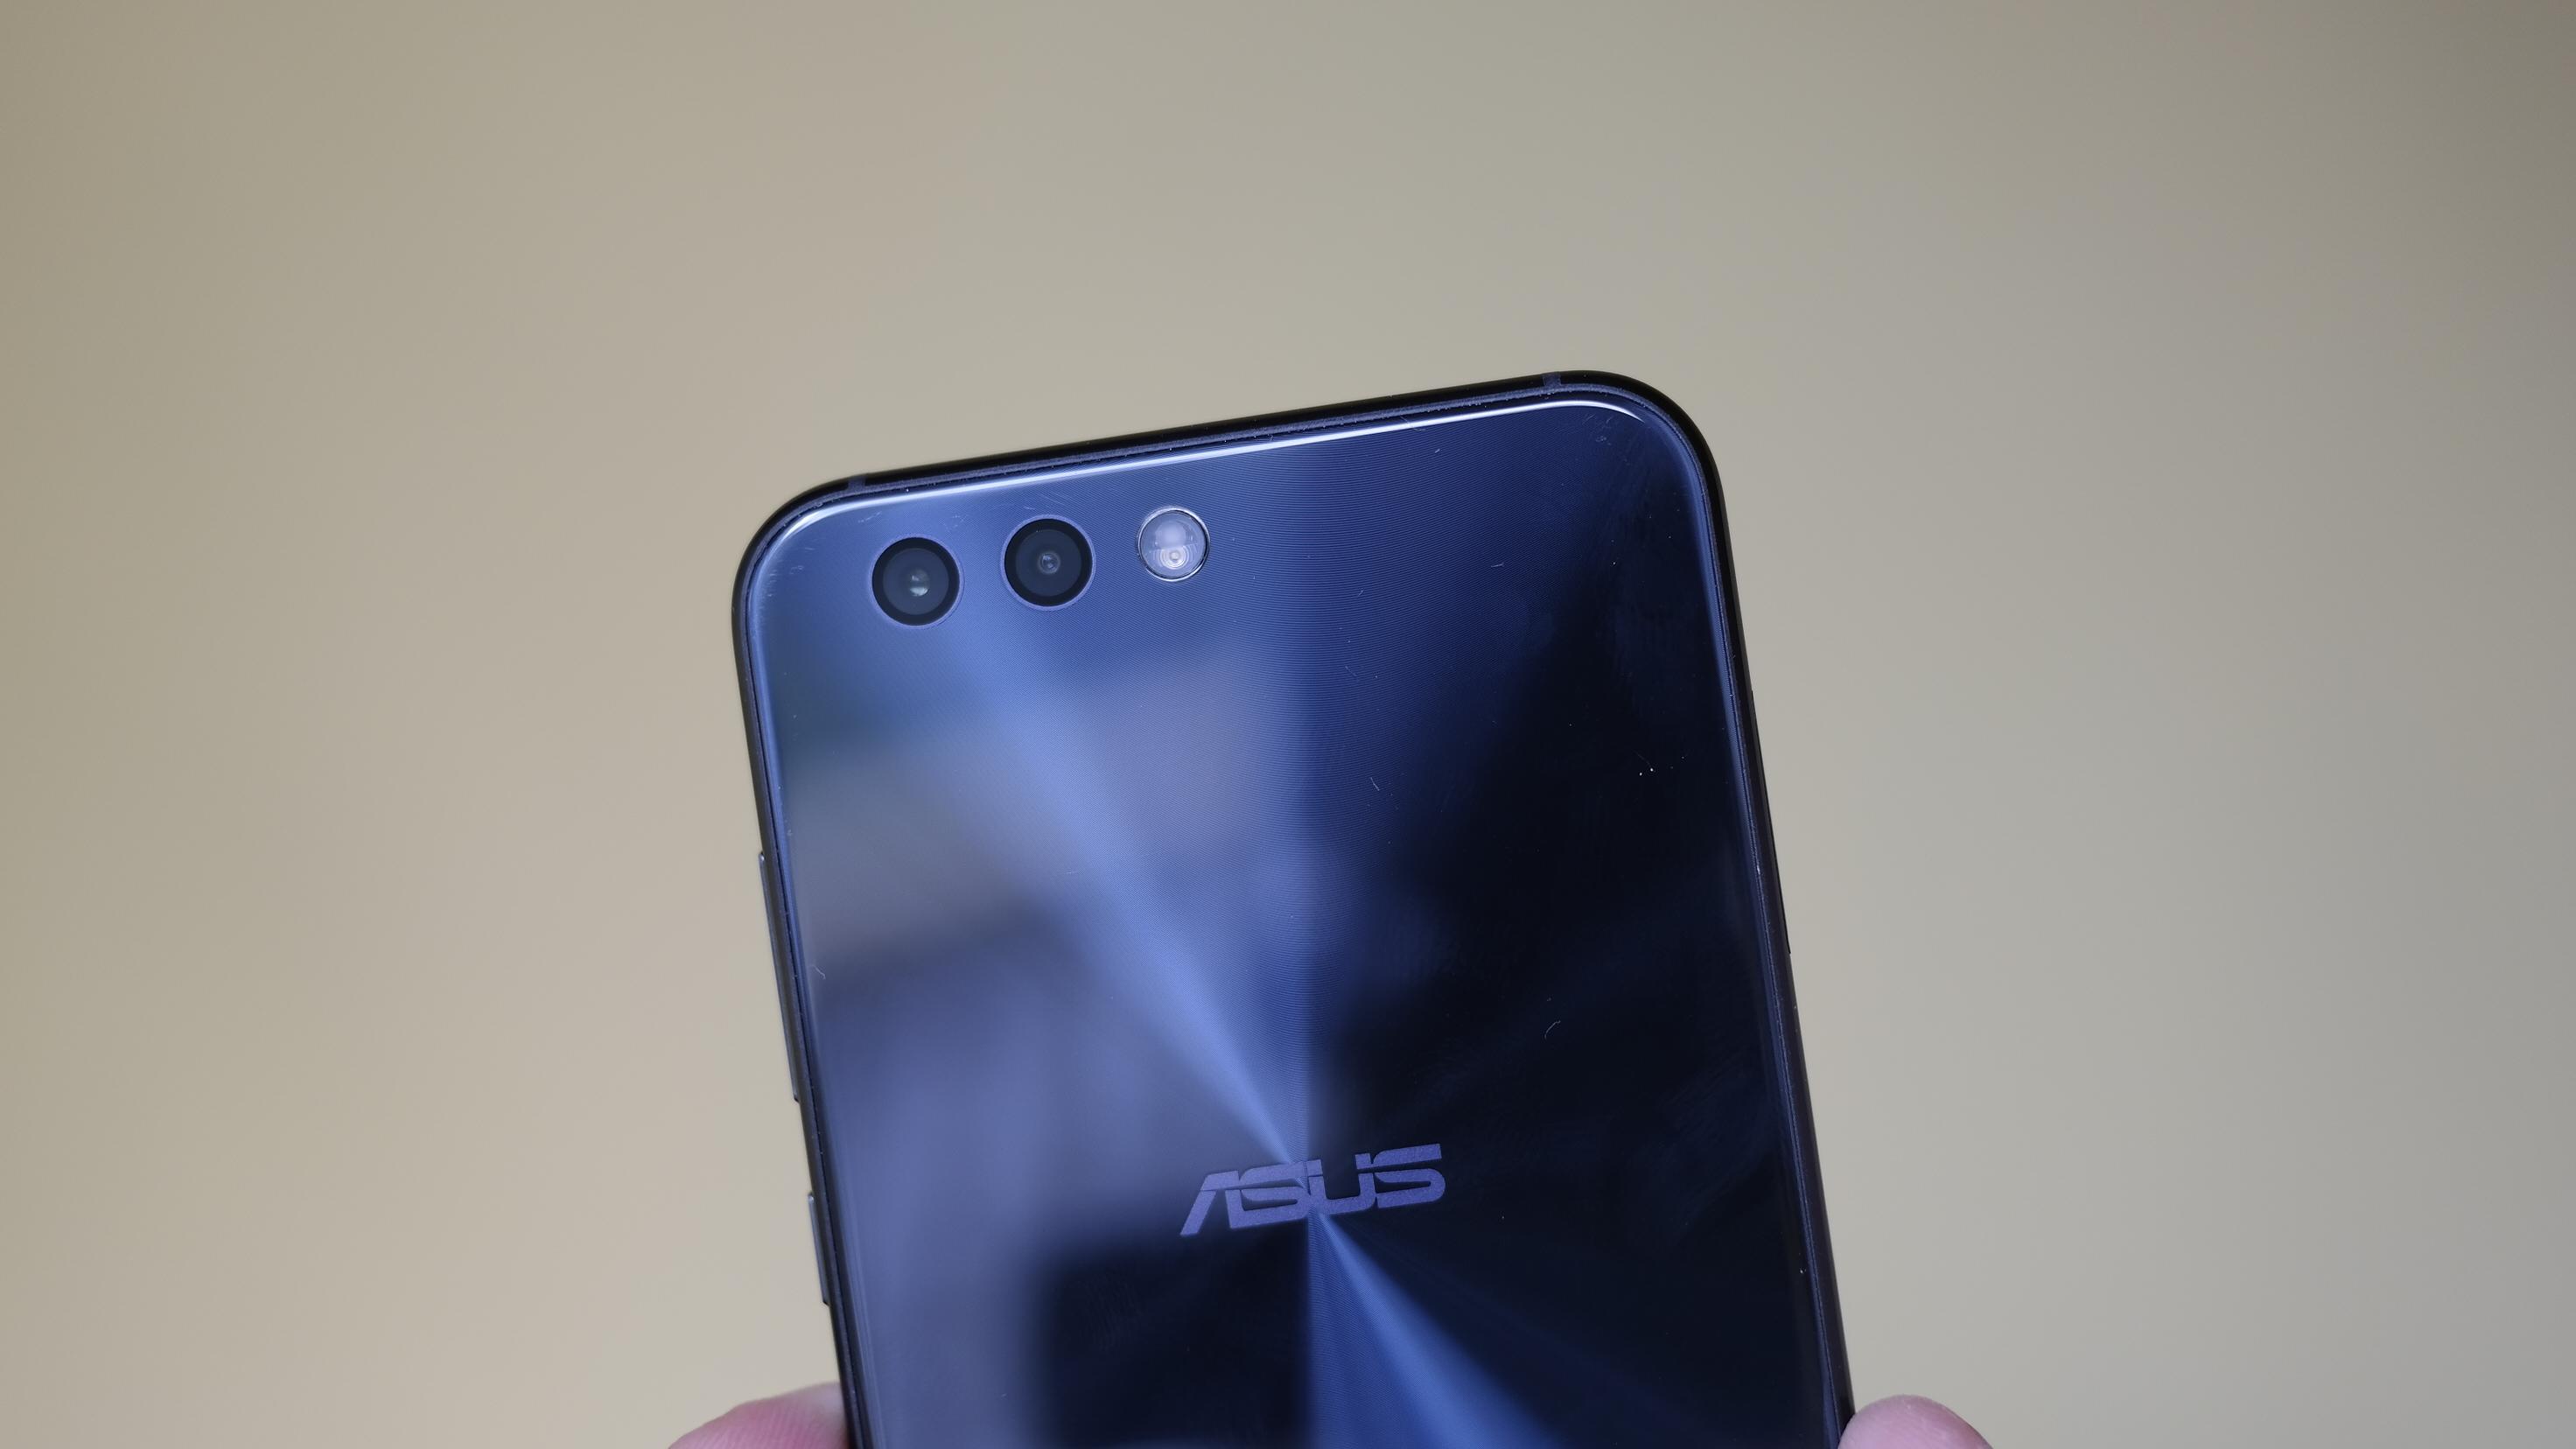 Nova imagem mostra o Zenfone 5 com um visual já conhecido